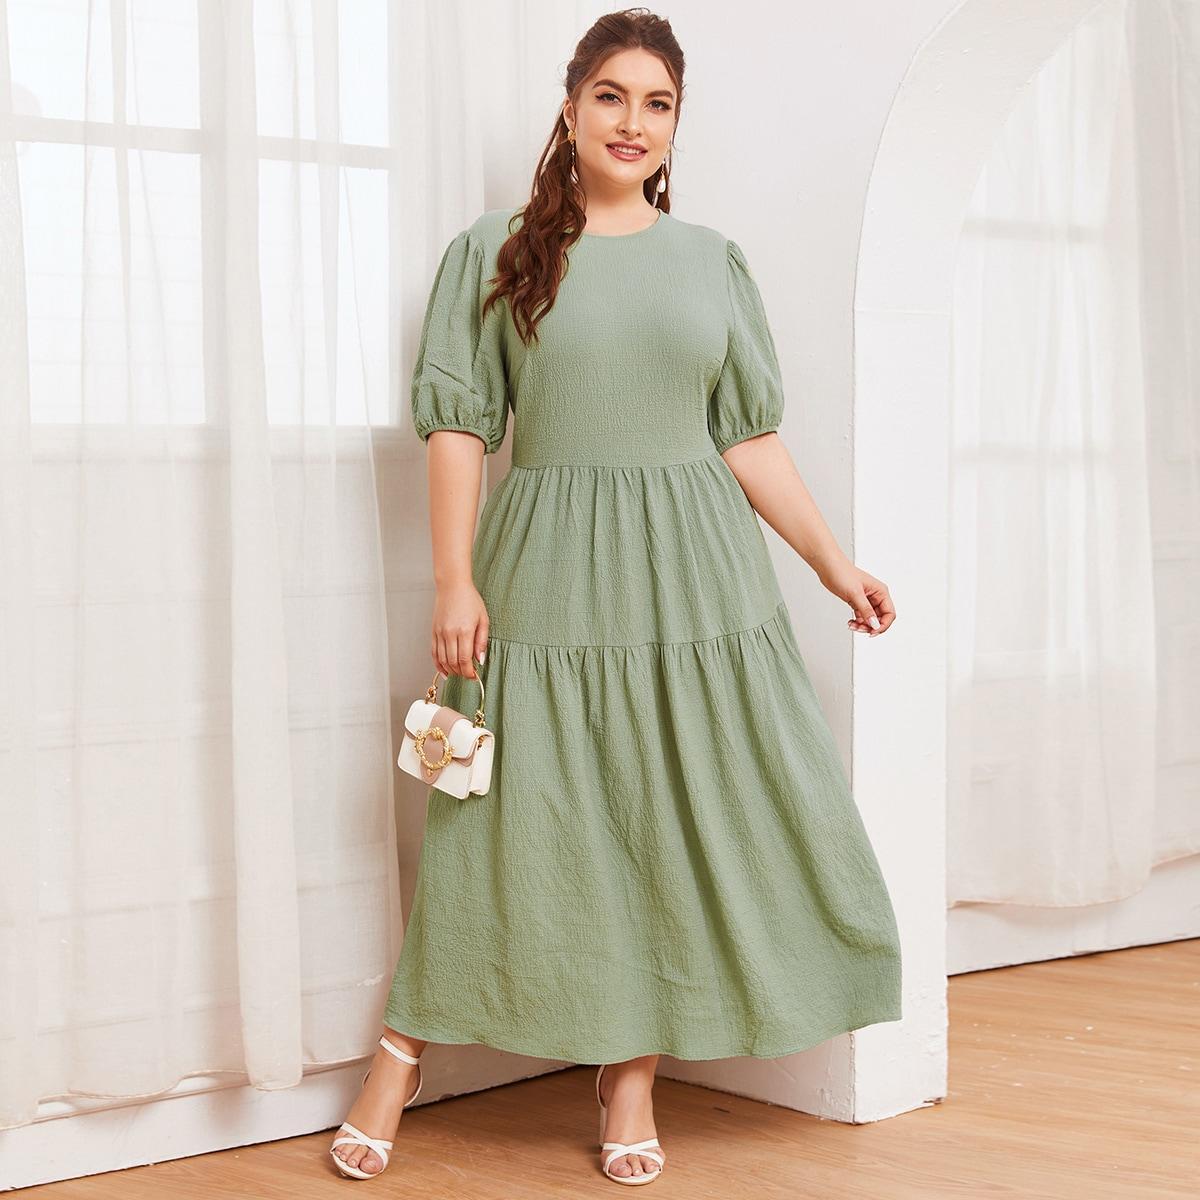 SHEIN / Kleid mit Laternenärmeln und Schößchen ohne Gürtel